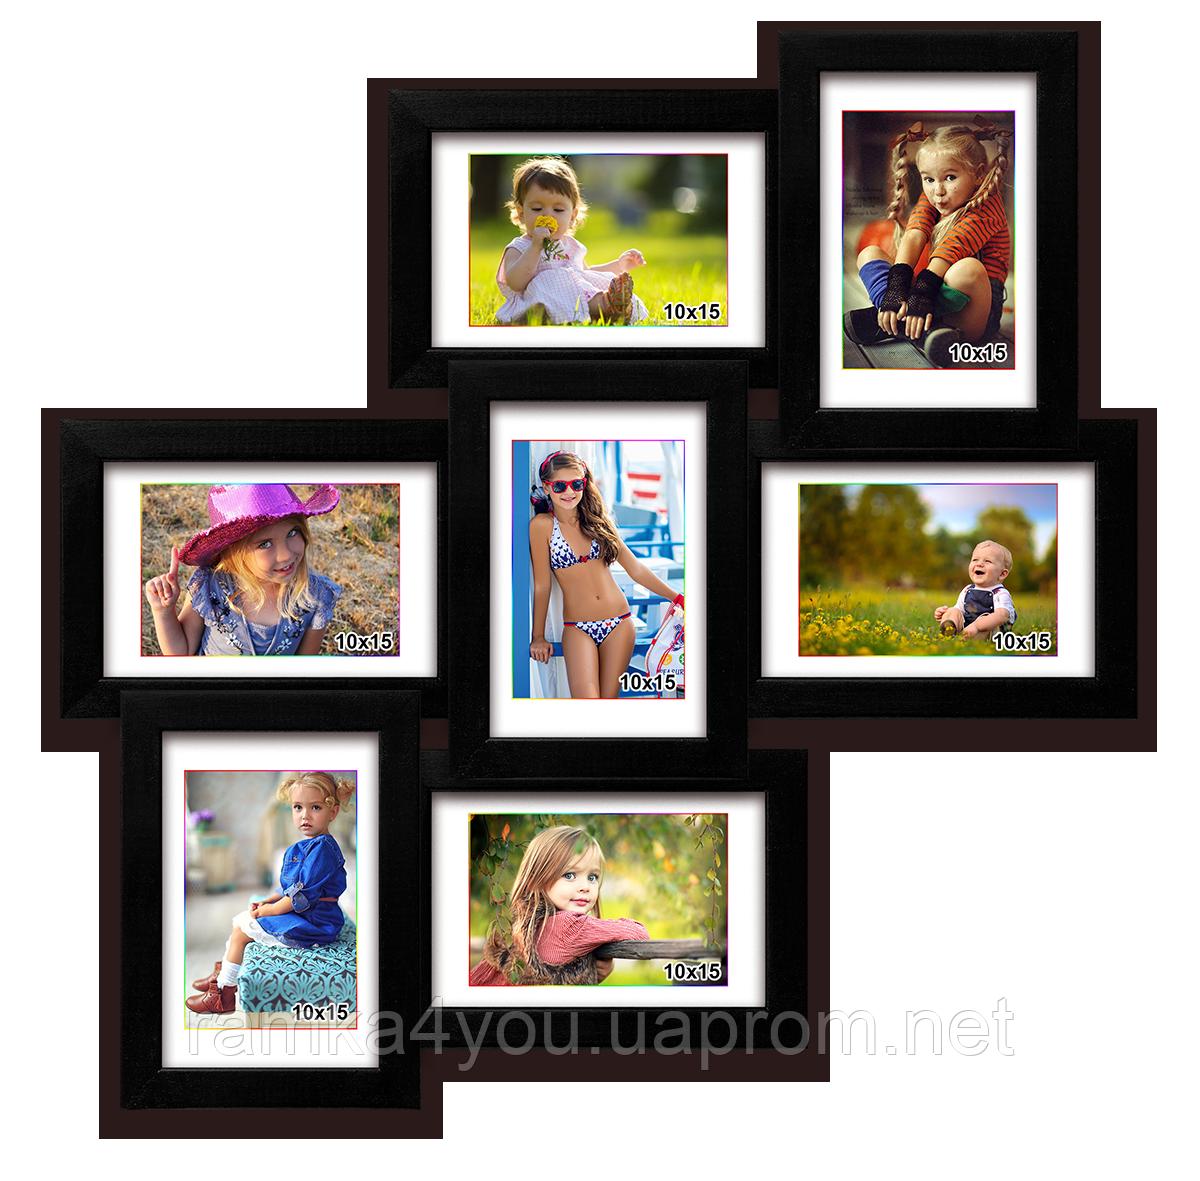 Деревянная мультирамка-коллаж Классическая на 7 фотографий черная